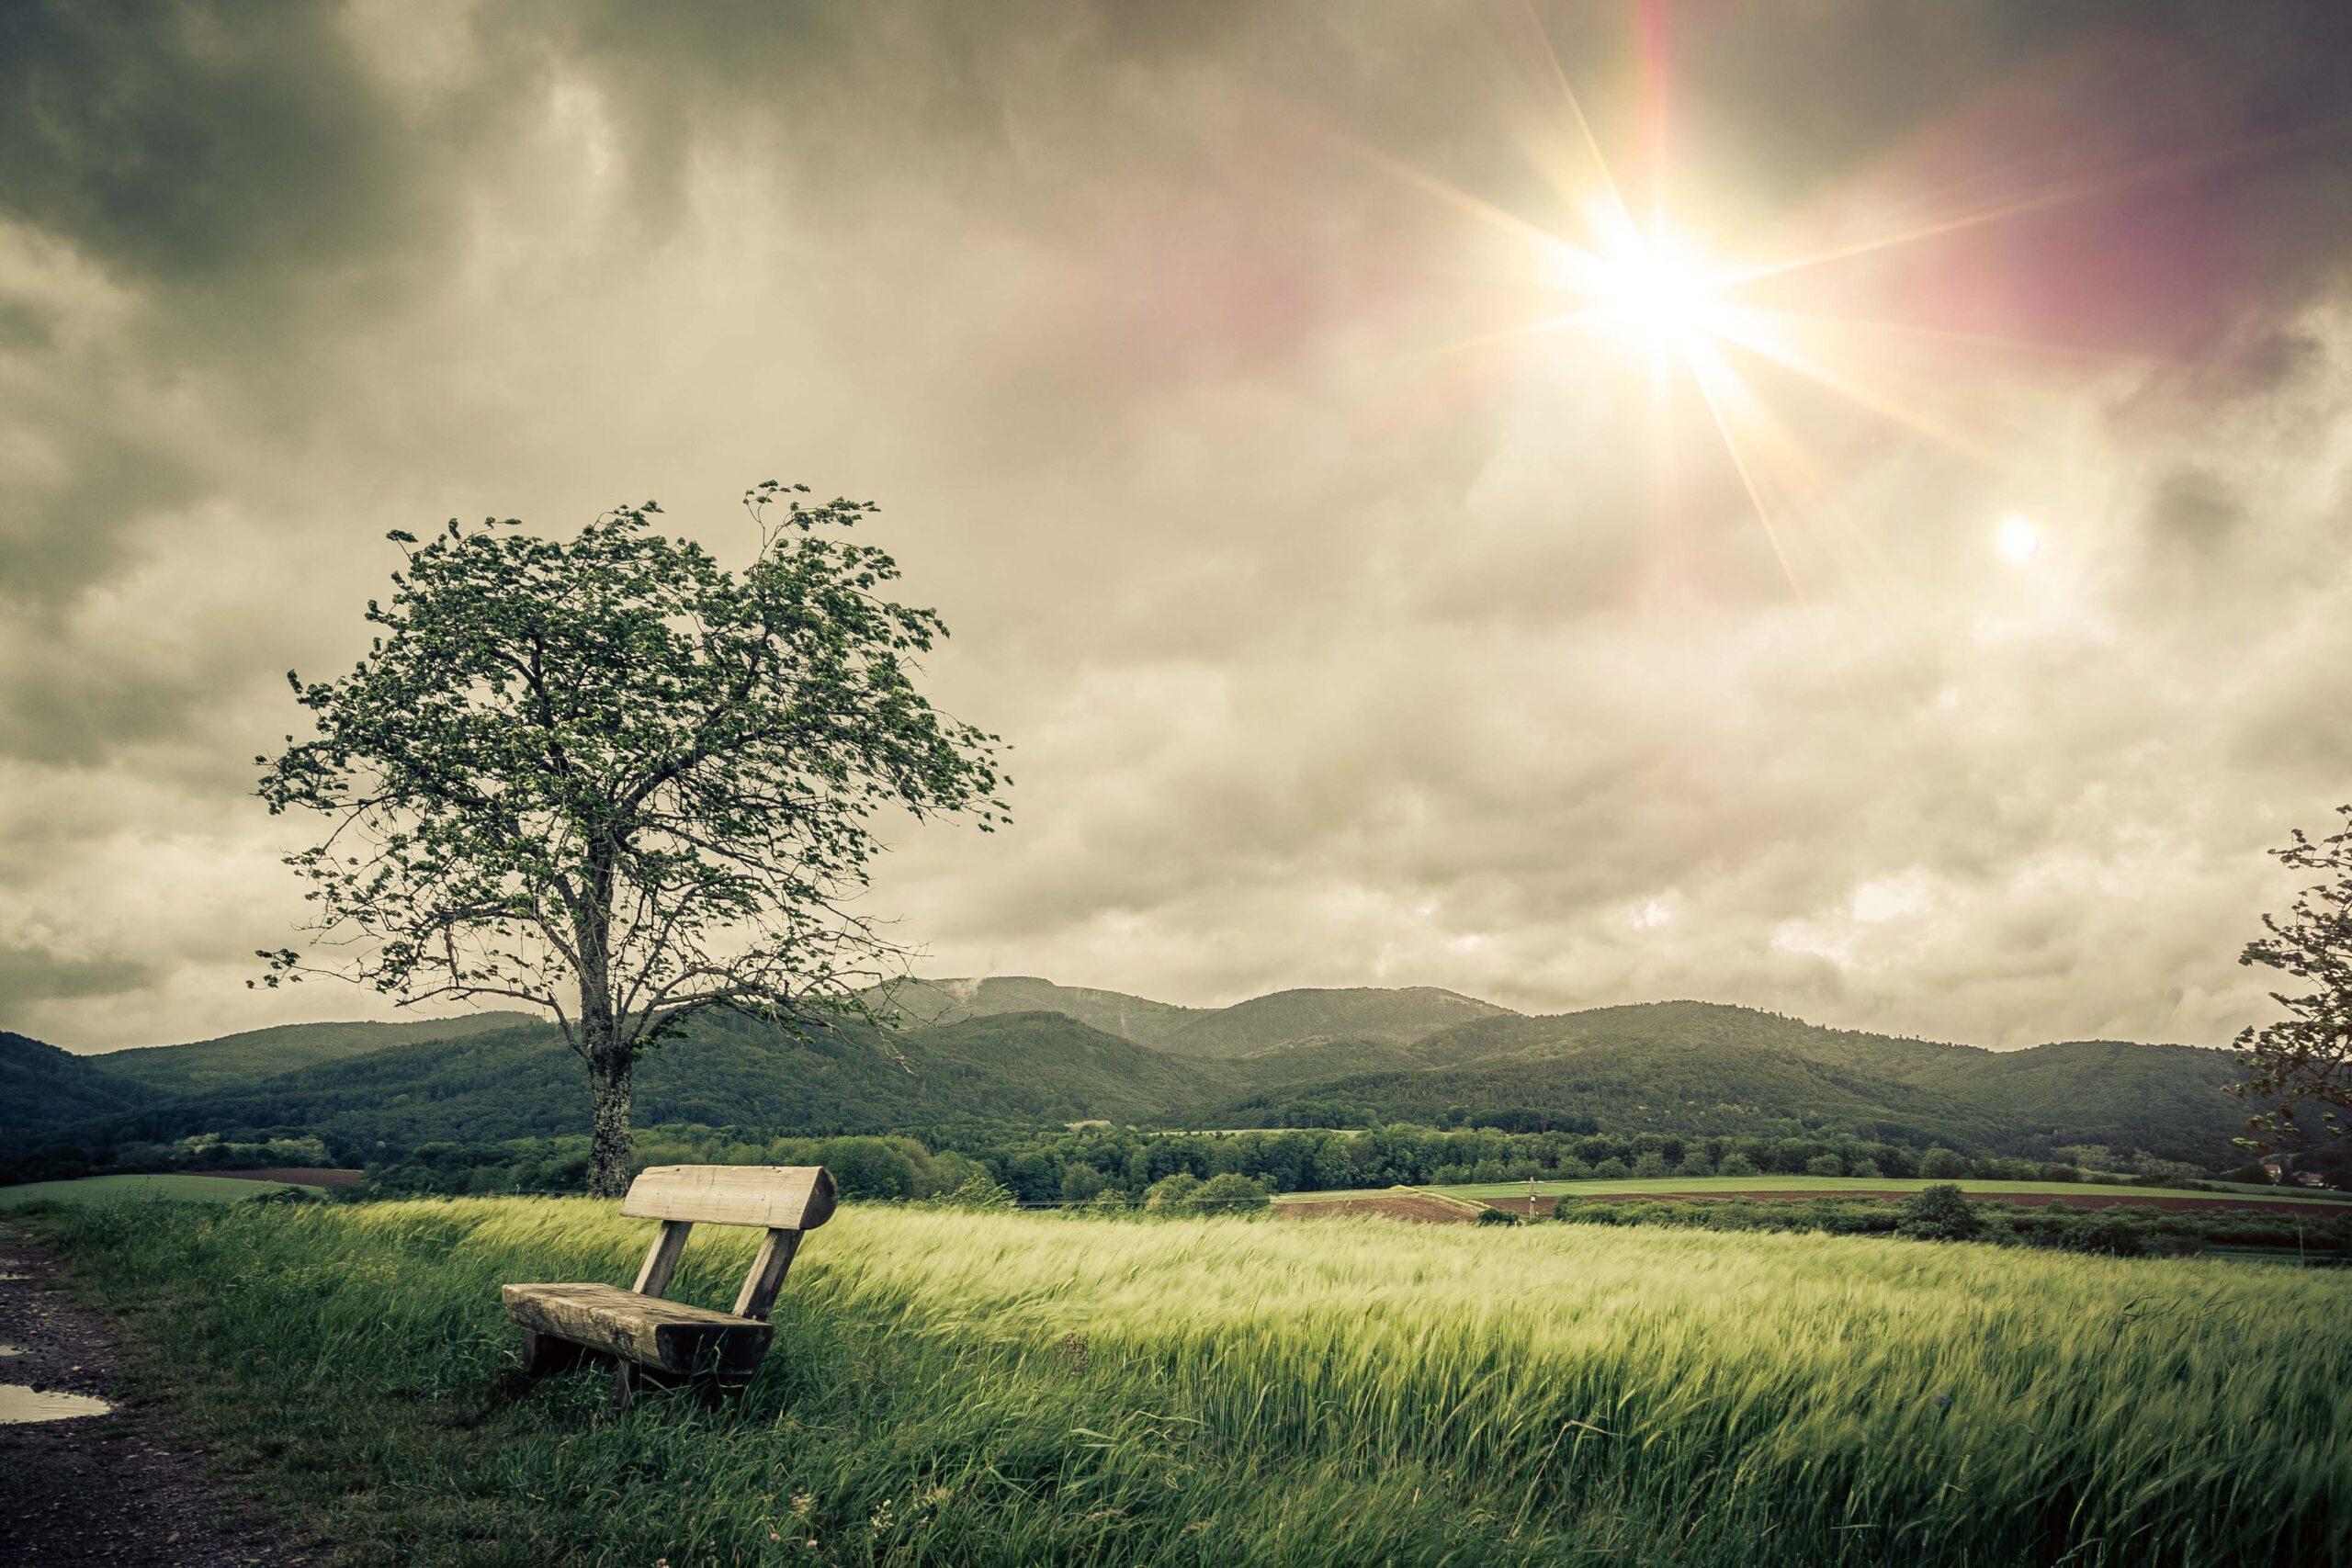 Dank einer Hornhautspende können Menschen noch den Blick in eine schöne Landschaft geniessen